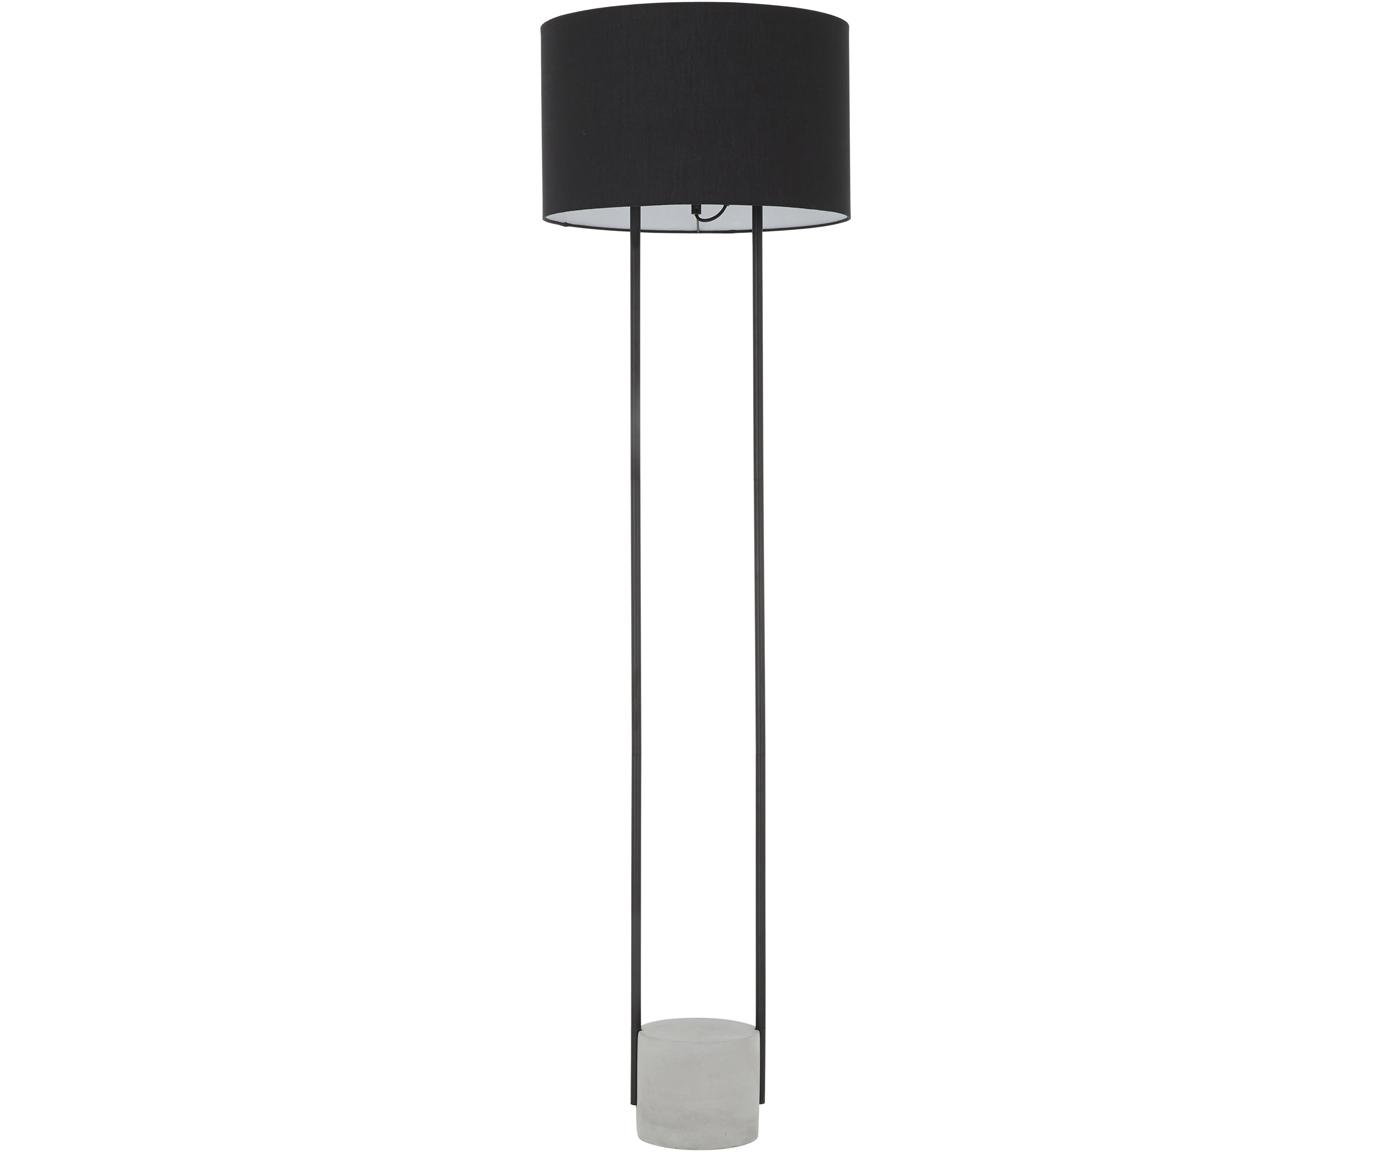 Lámpara de pie Pipero, Pantalla: tela, Cable: cubierto en tela, Negro, gris, Ø 45 x Al 161 cm